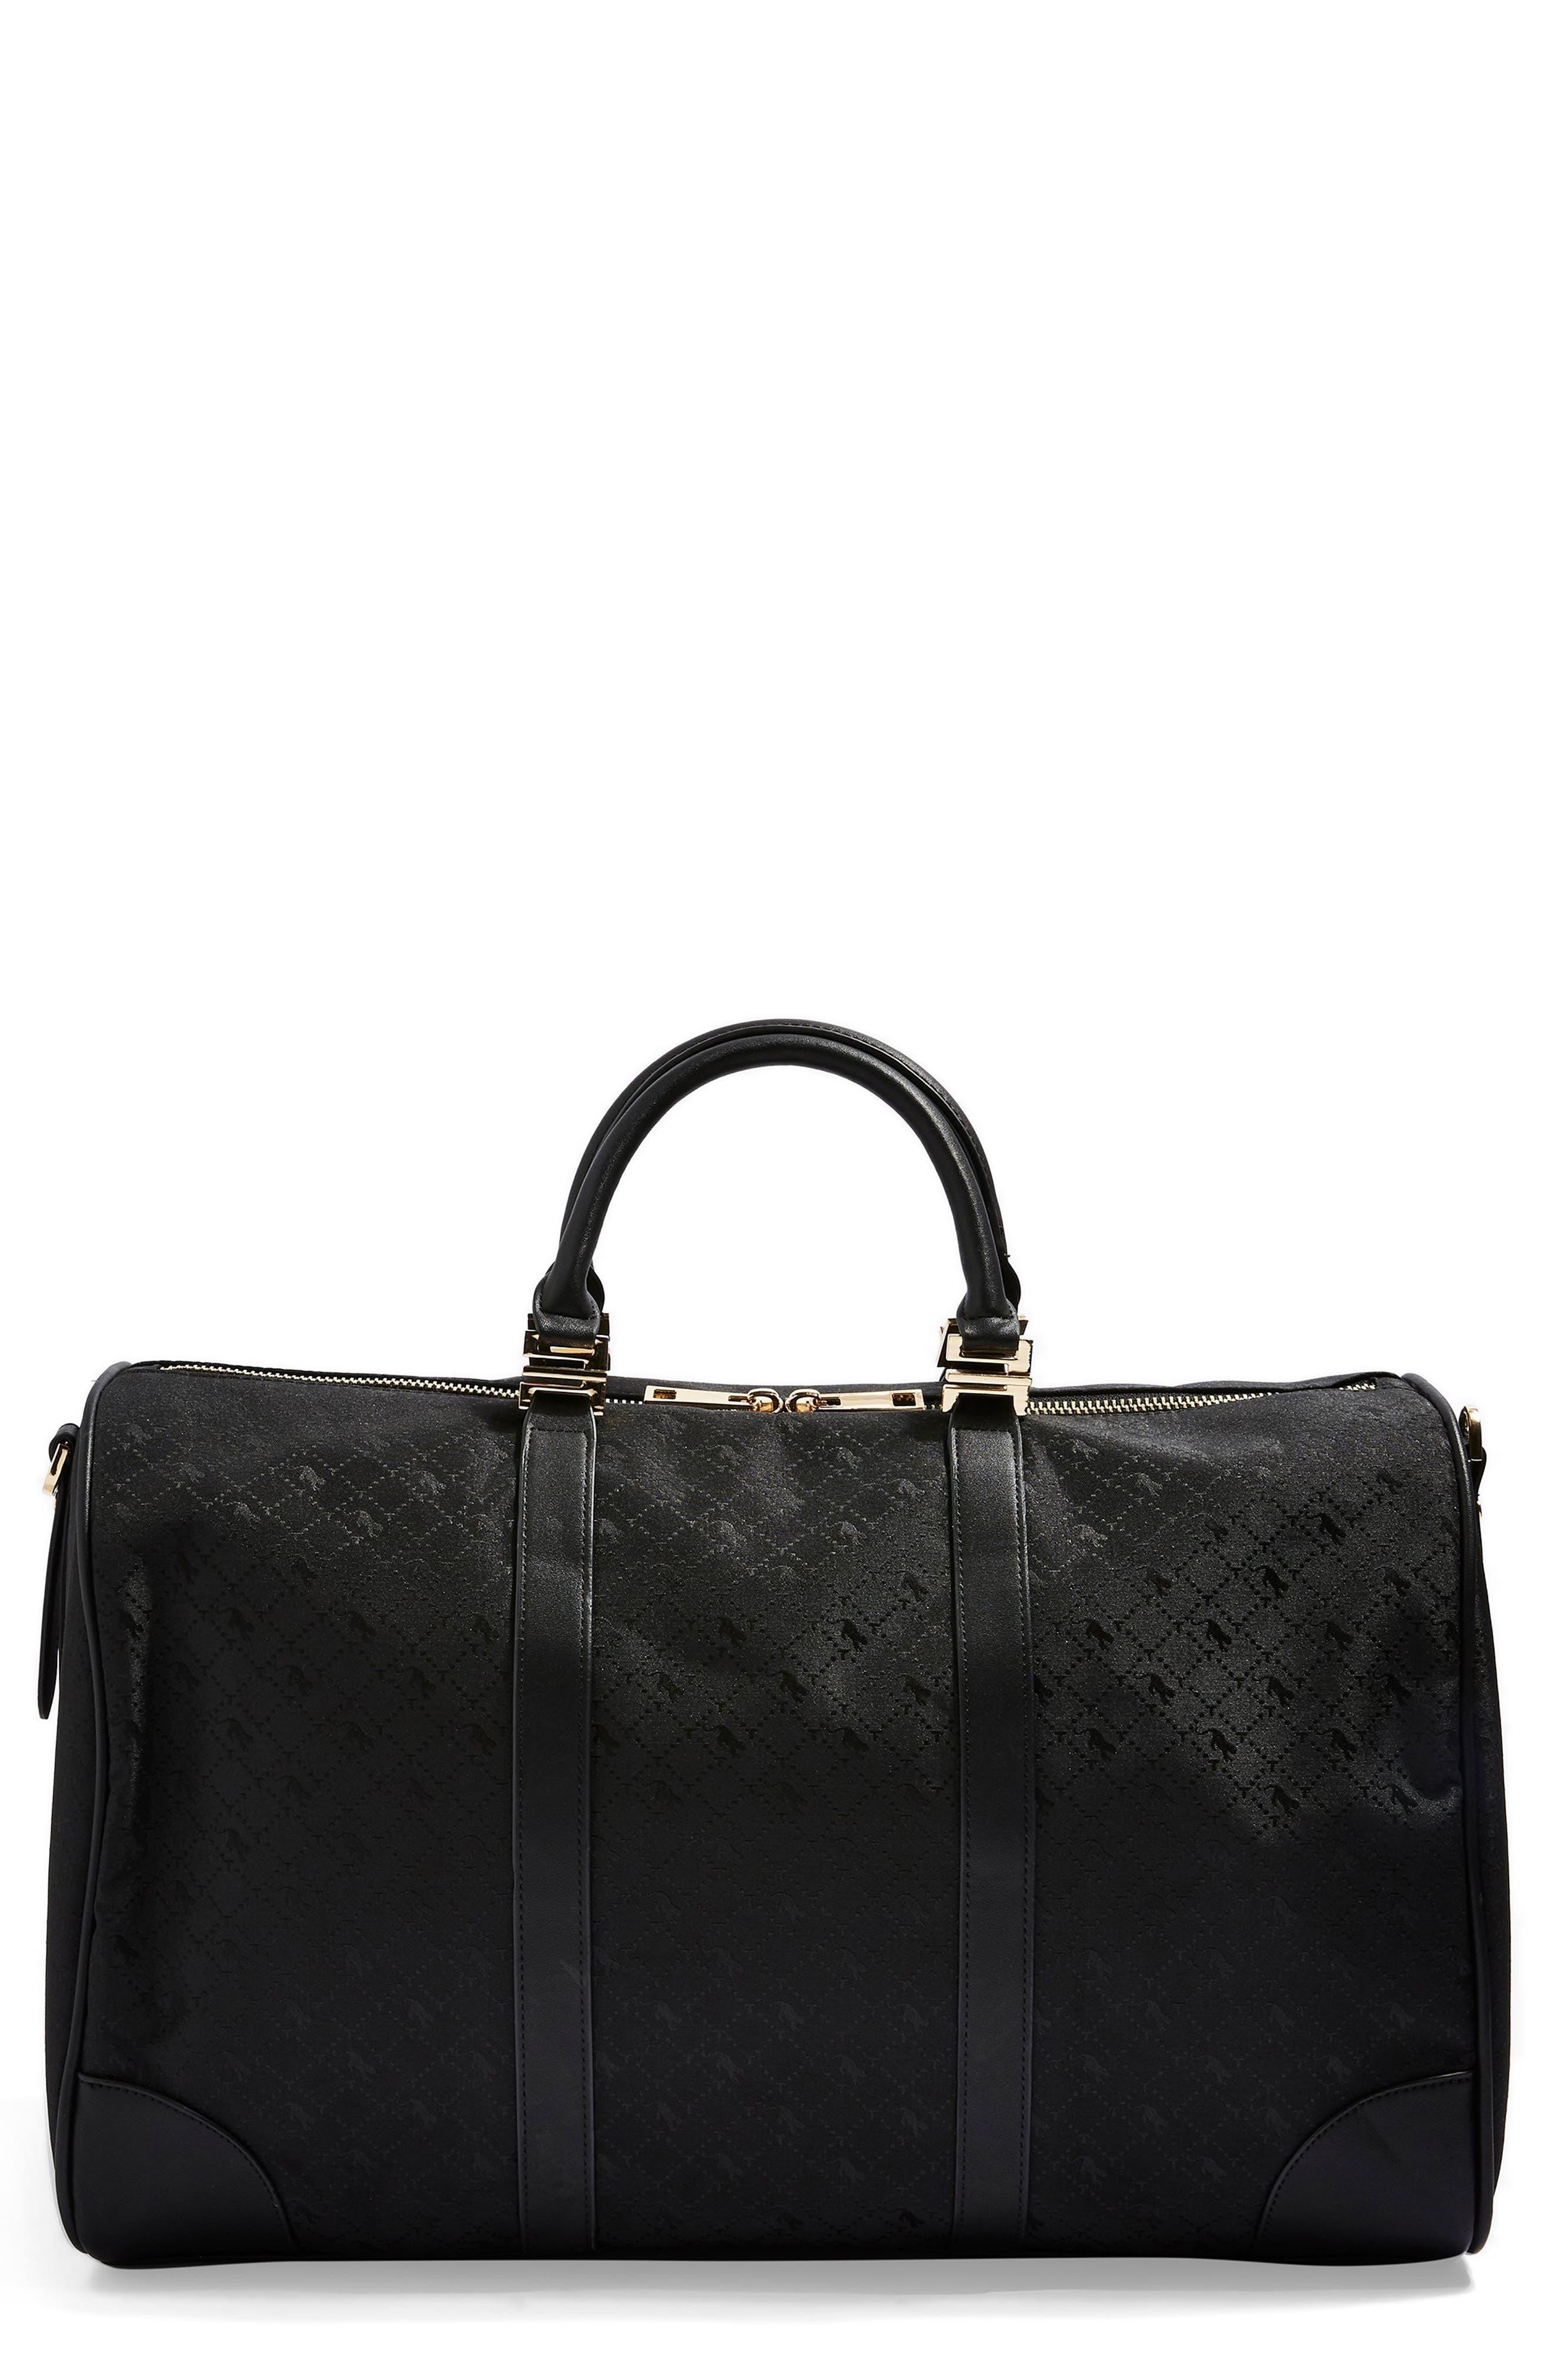 TOPSHOP Large Madrid Duffel Bag, Main, color, BLACK